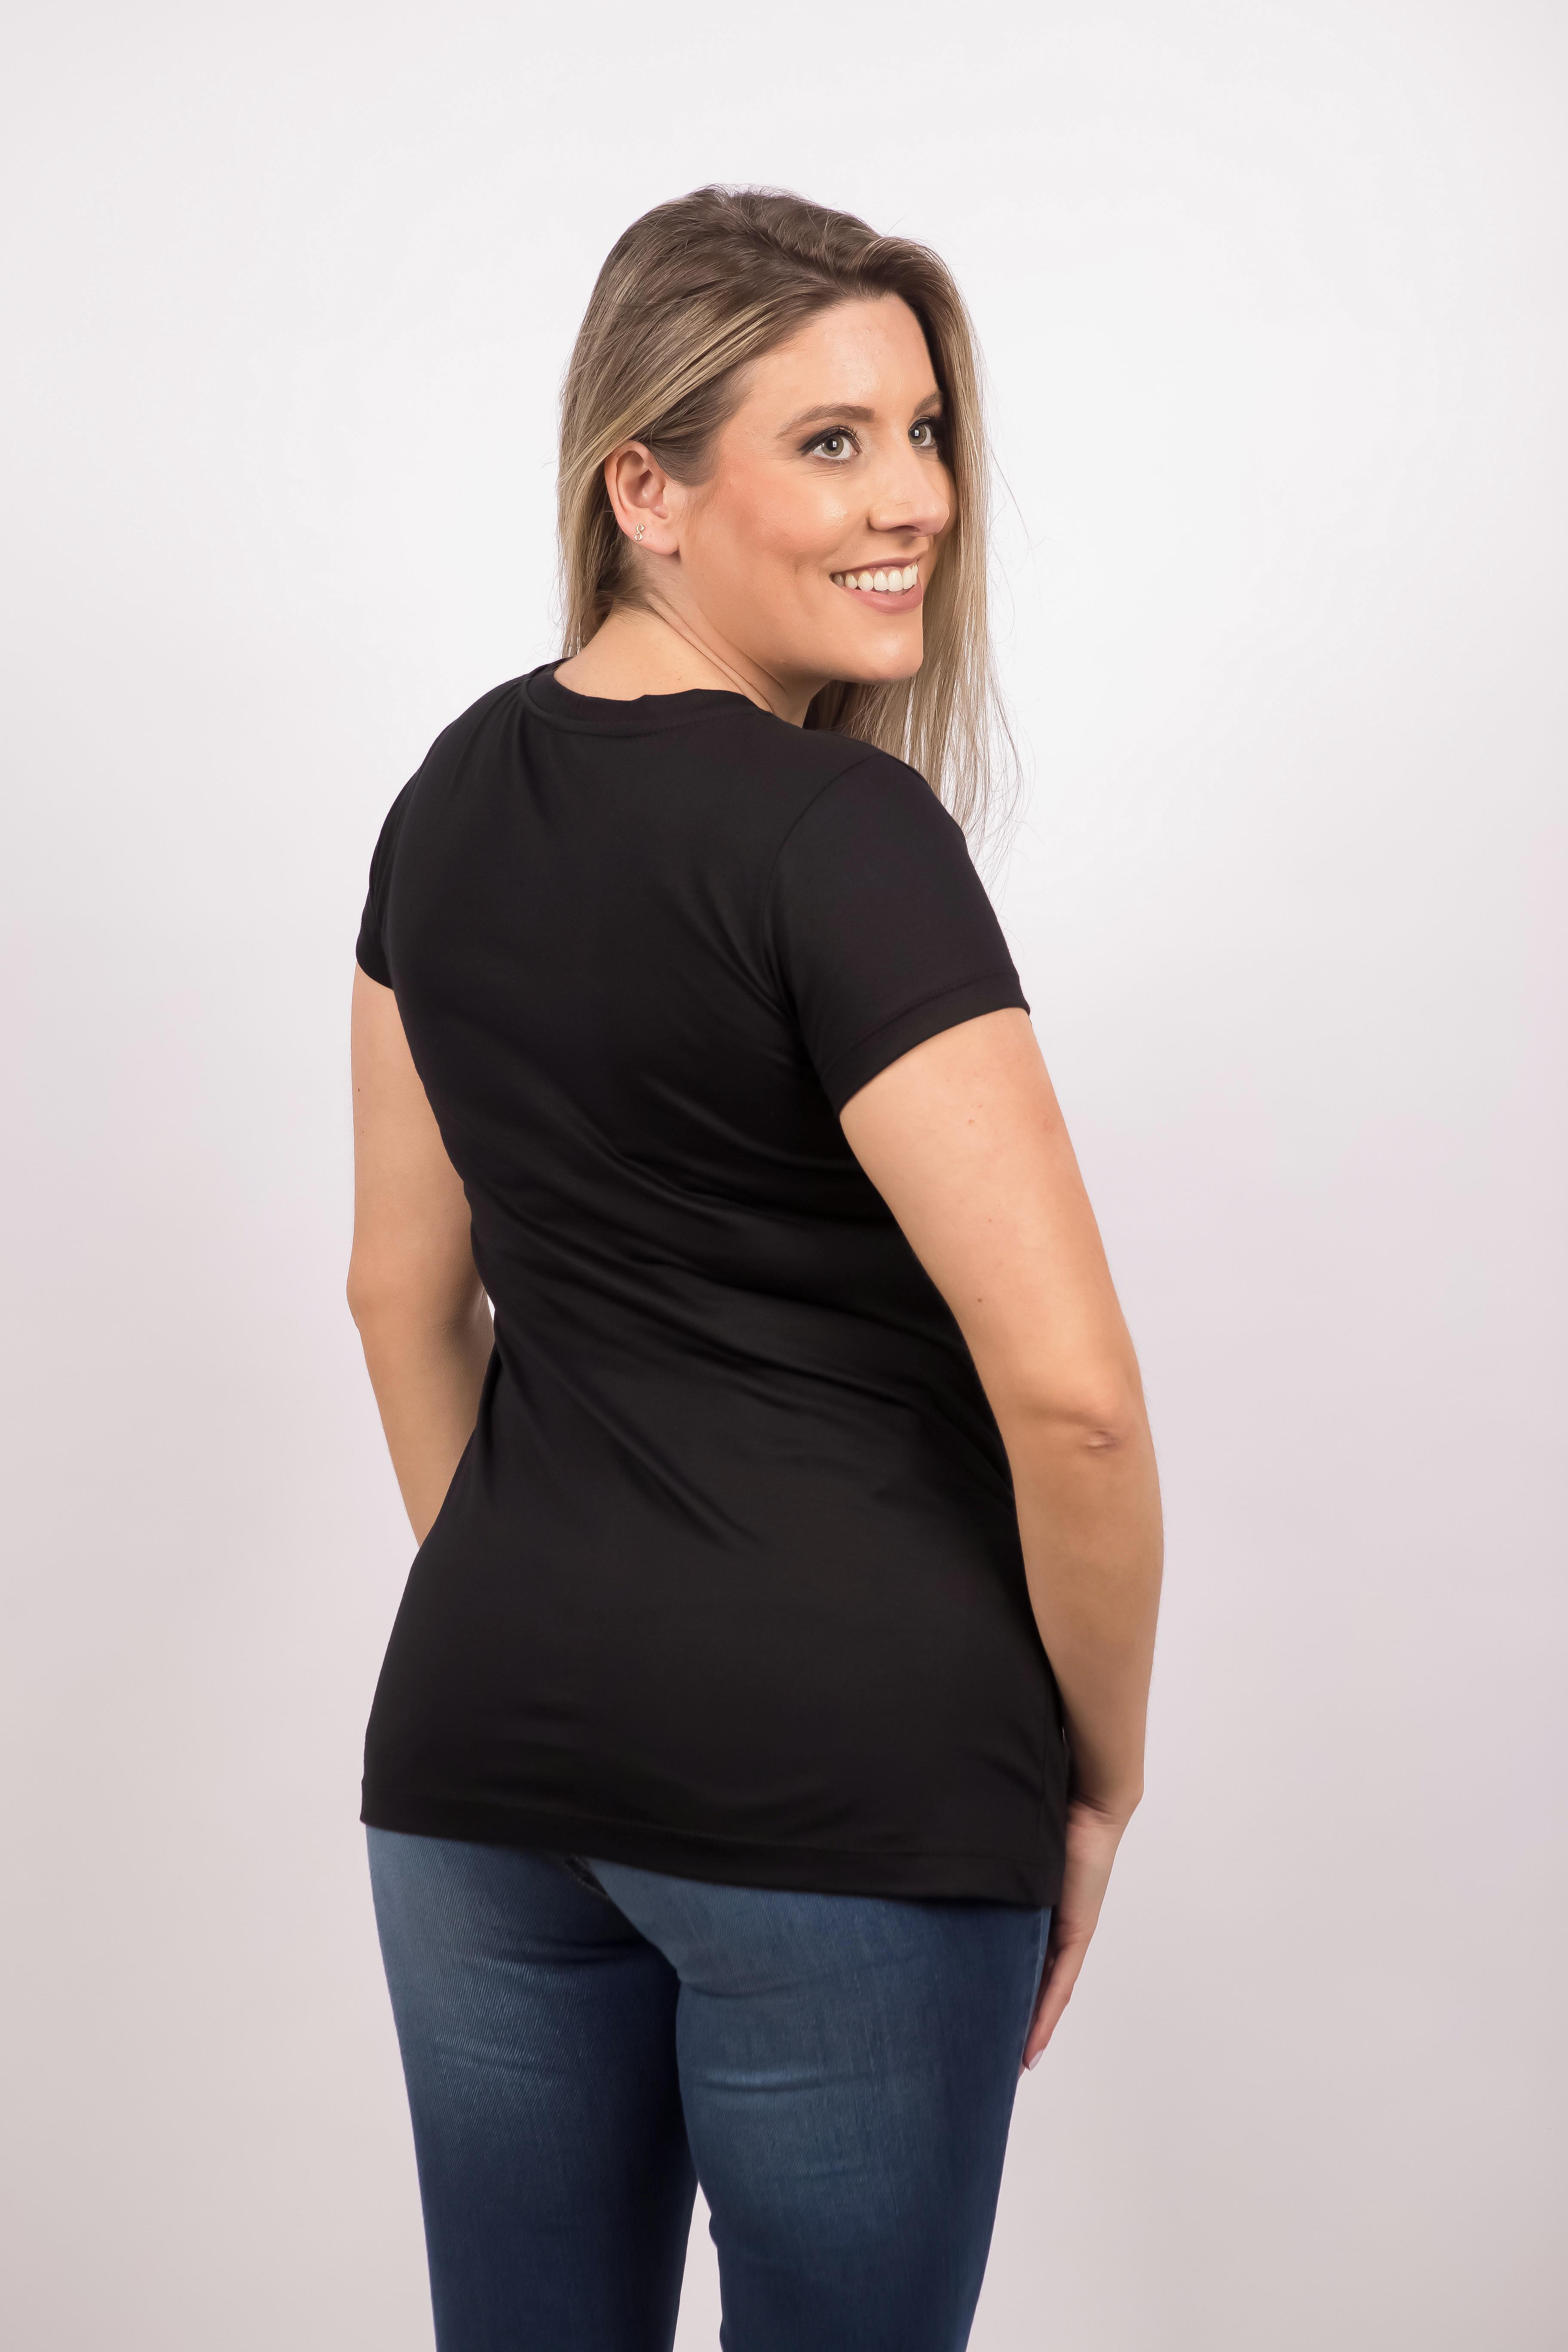 afe47ae0be Blusa Camiseta Básica Feminina Preta Ecológica no Elo7